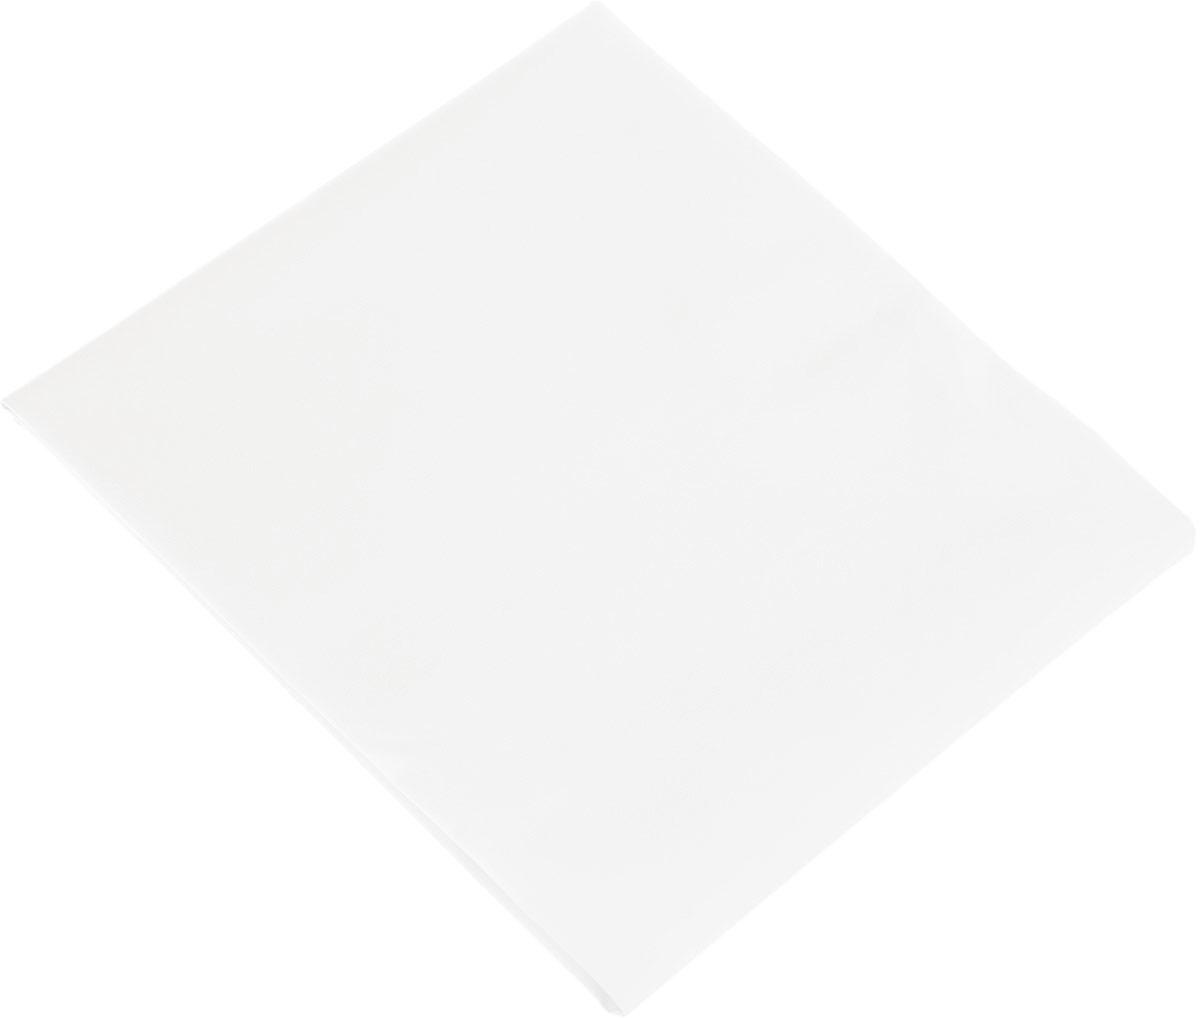 Пелигрин Наматрасник детский цвет белый 120 х 60 х 10 см2615S545JBНаматрасник Пелигрин с резинками на углах сделан из специальной клеёнки.Непромокаемый дышащий наматрасник надежно защитит кроватку малыша от протеканий и продлит срок службы матраса. Материал, из которого он сделан, обладает отличной теплопроводностью и паропроницаемостью. Он быстро приобретает температуру тела. тем самым устраняя эффект холодного прикосновения. А это значит, что вашему крохе будет всегда уютно в своей кроватке.Допускается машинная стирка при температуре 30 градусов, не требует глажки.